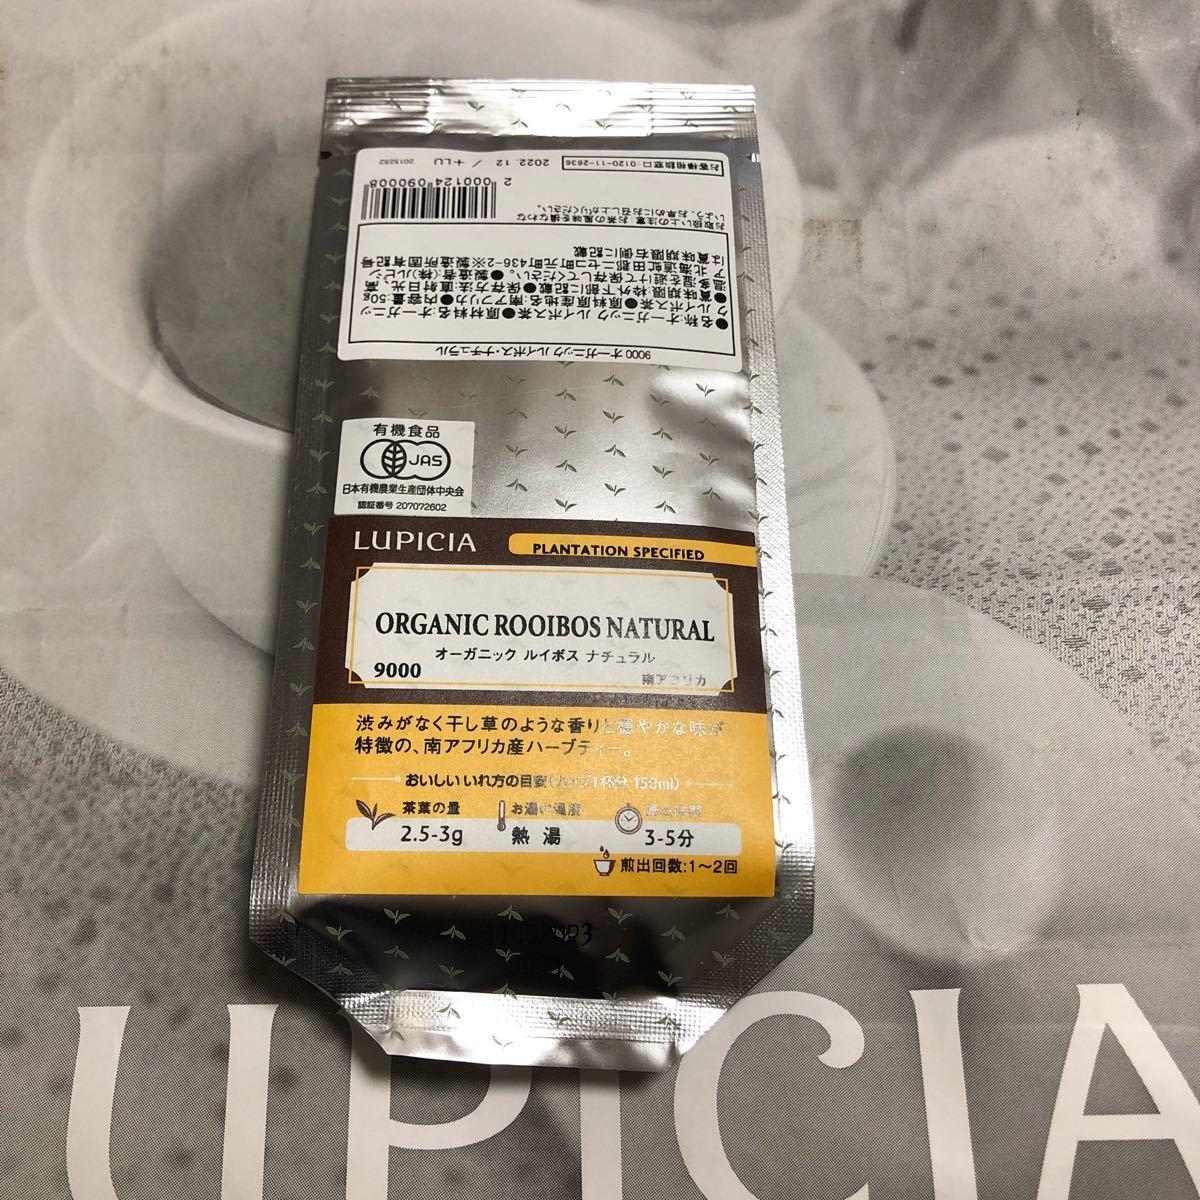 ルピシア LUPICIA ノン・ローカフェイン リーフティ 紅茶